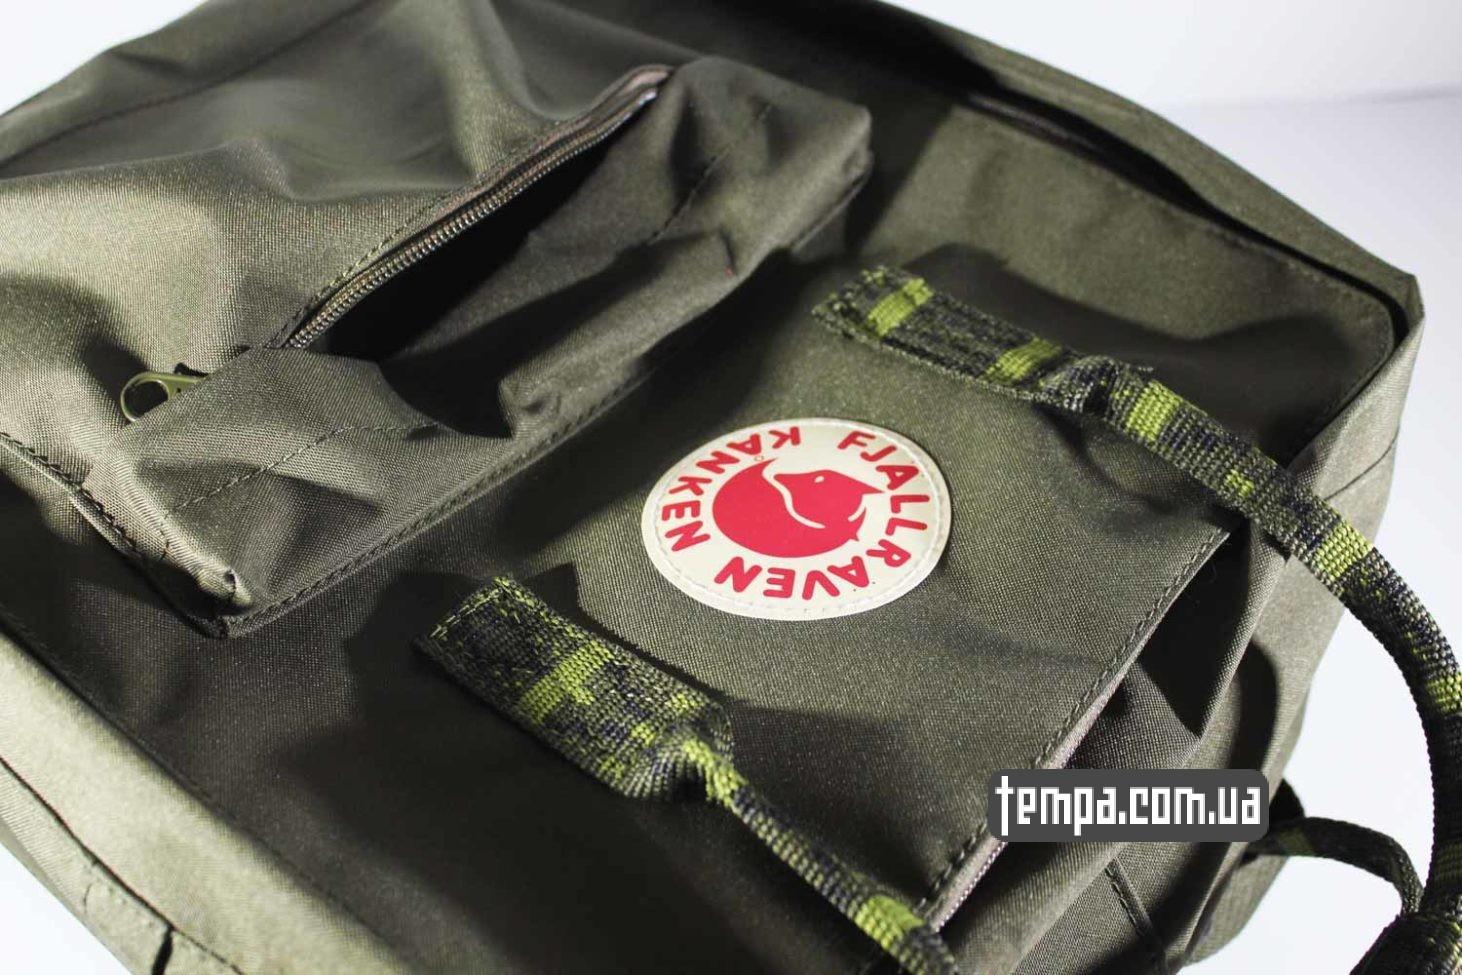 хаки канкен kanken fjällräven купить зеленый рюкзак украина